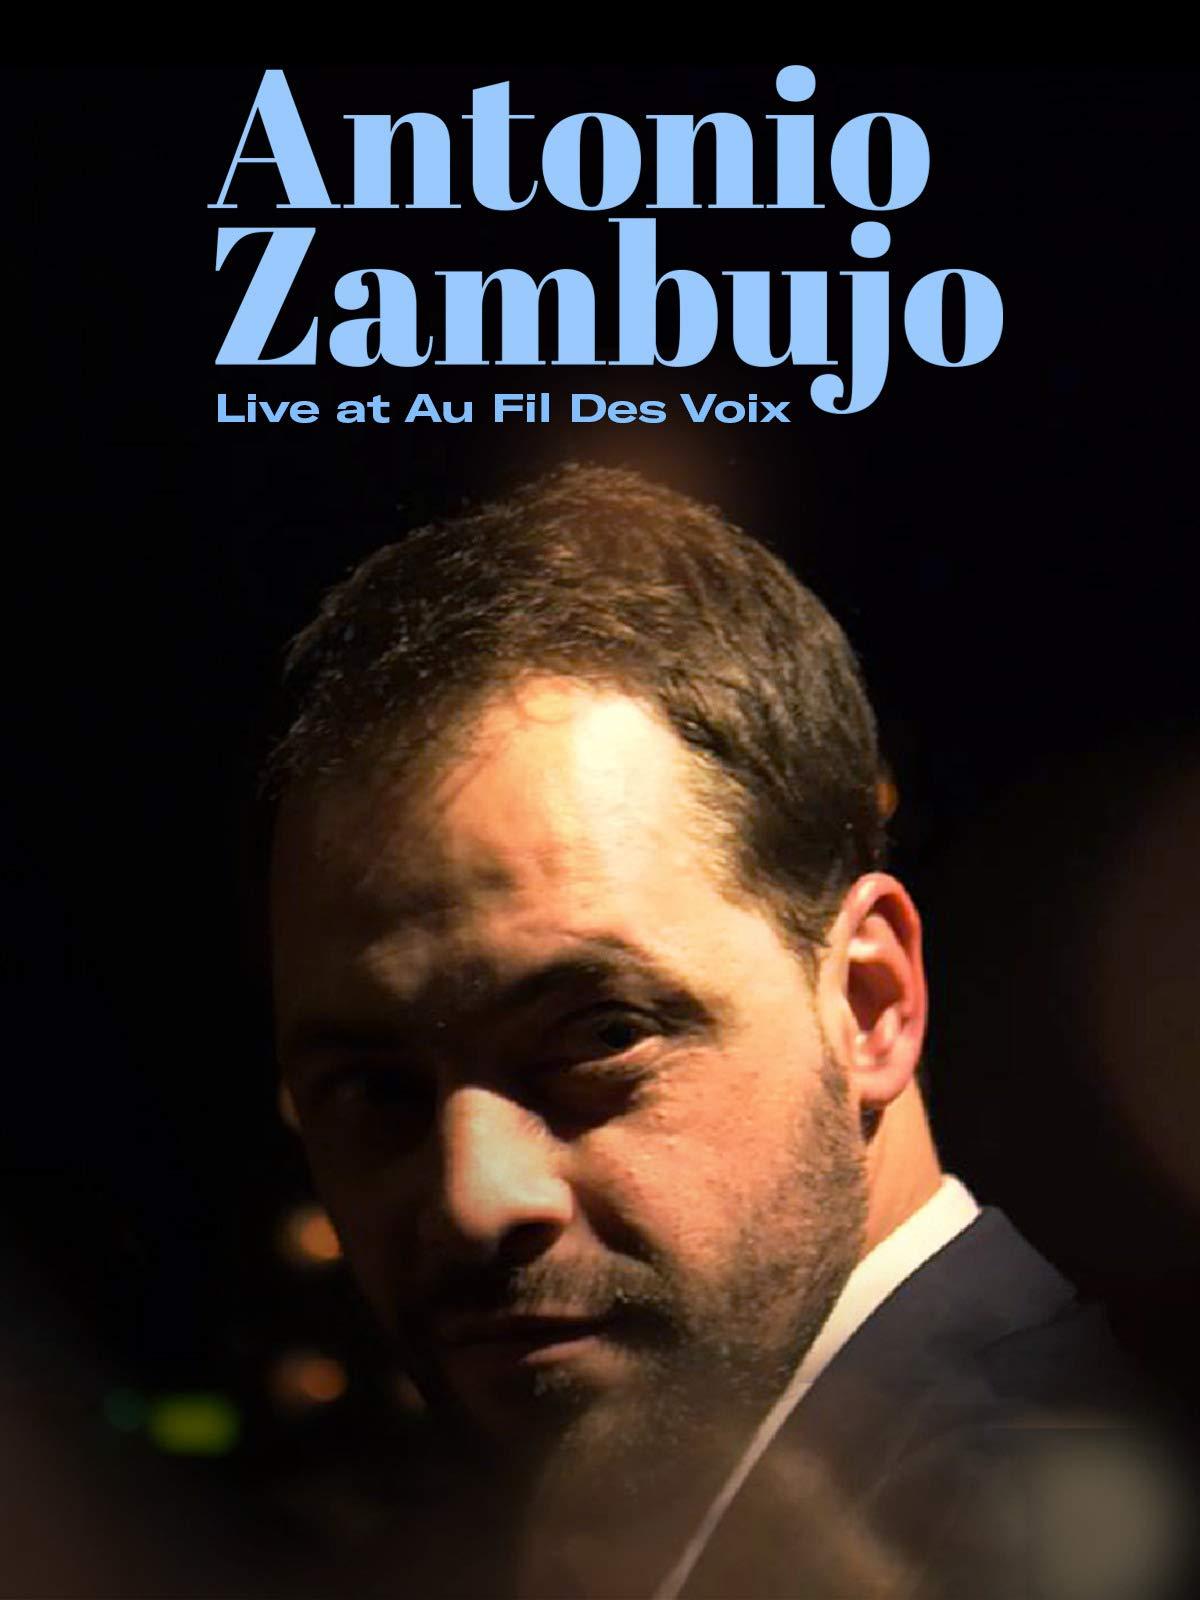 Antonio Zambujo - Live at Au Fil des Voix Festival